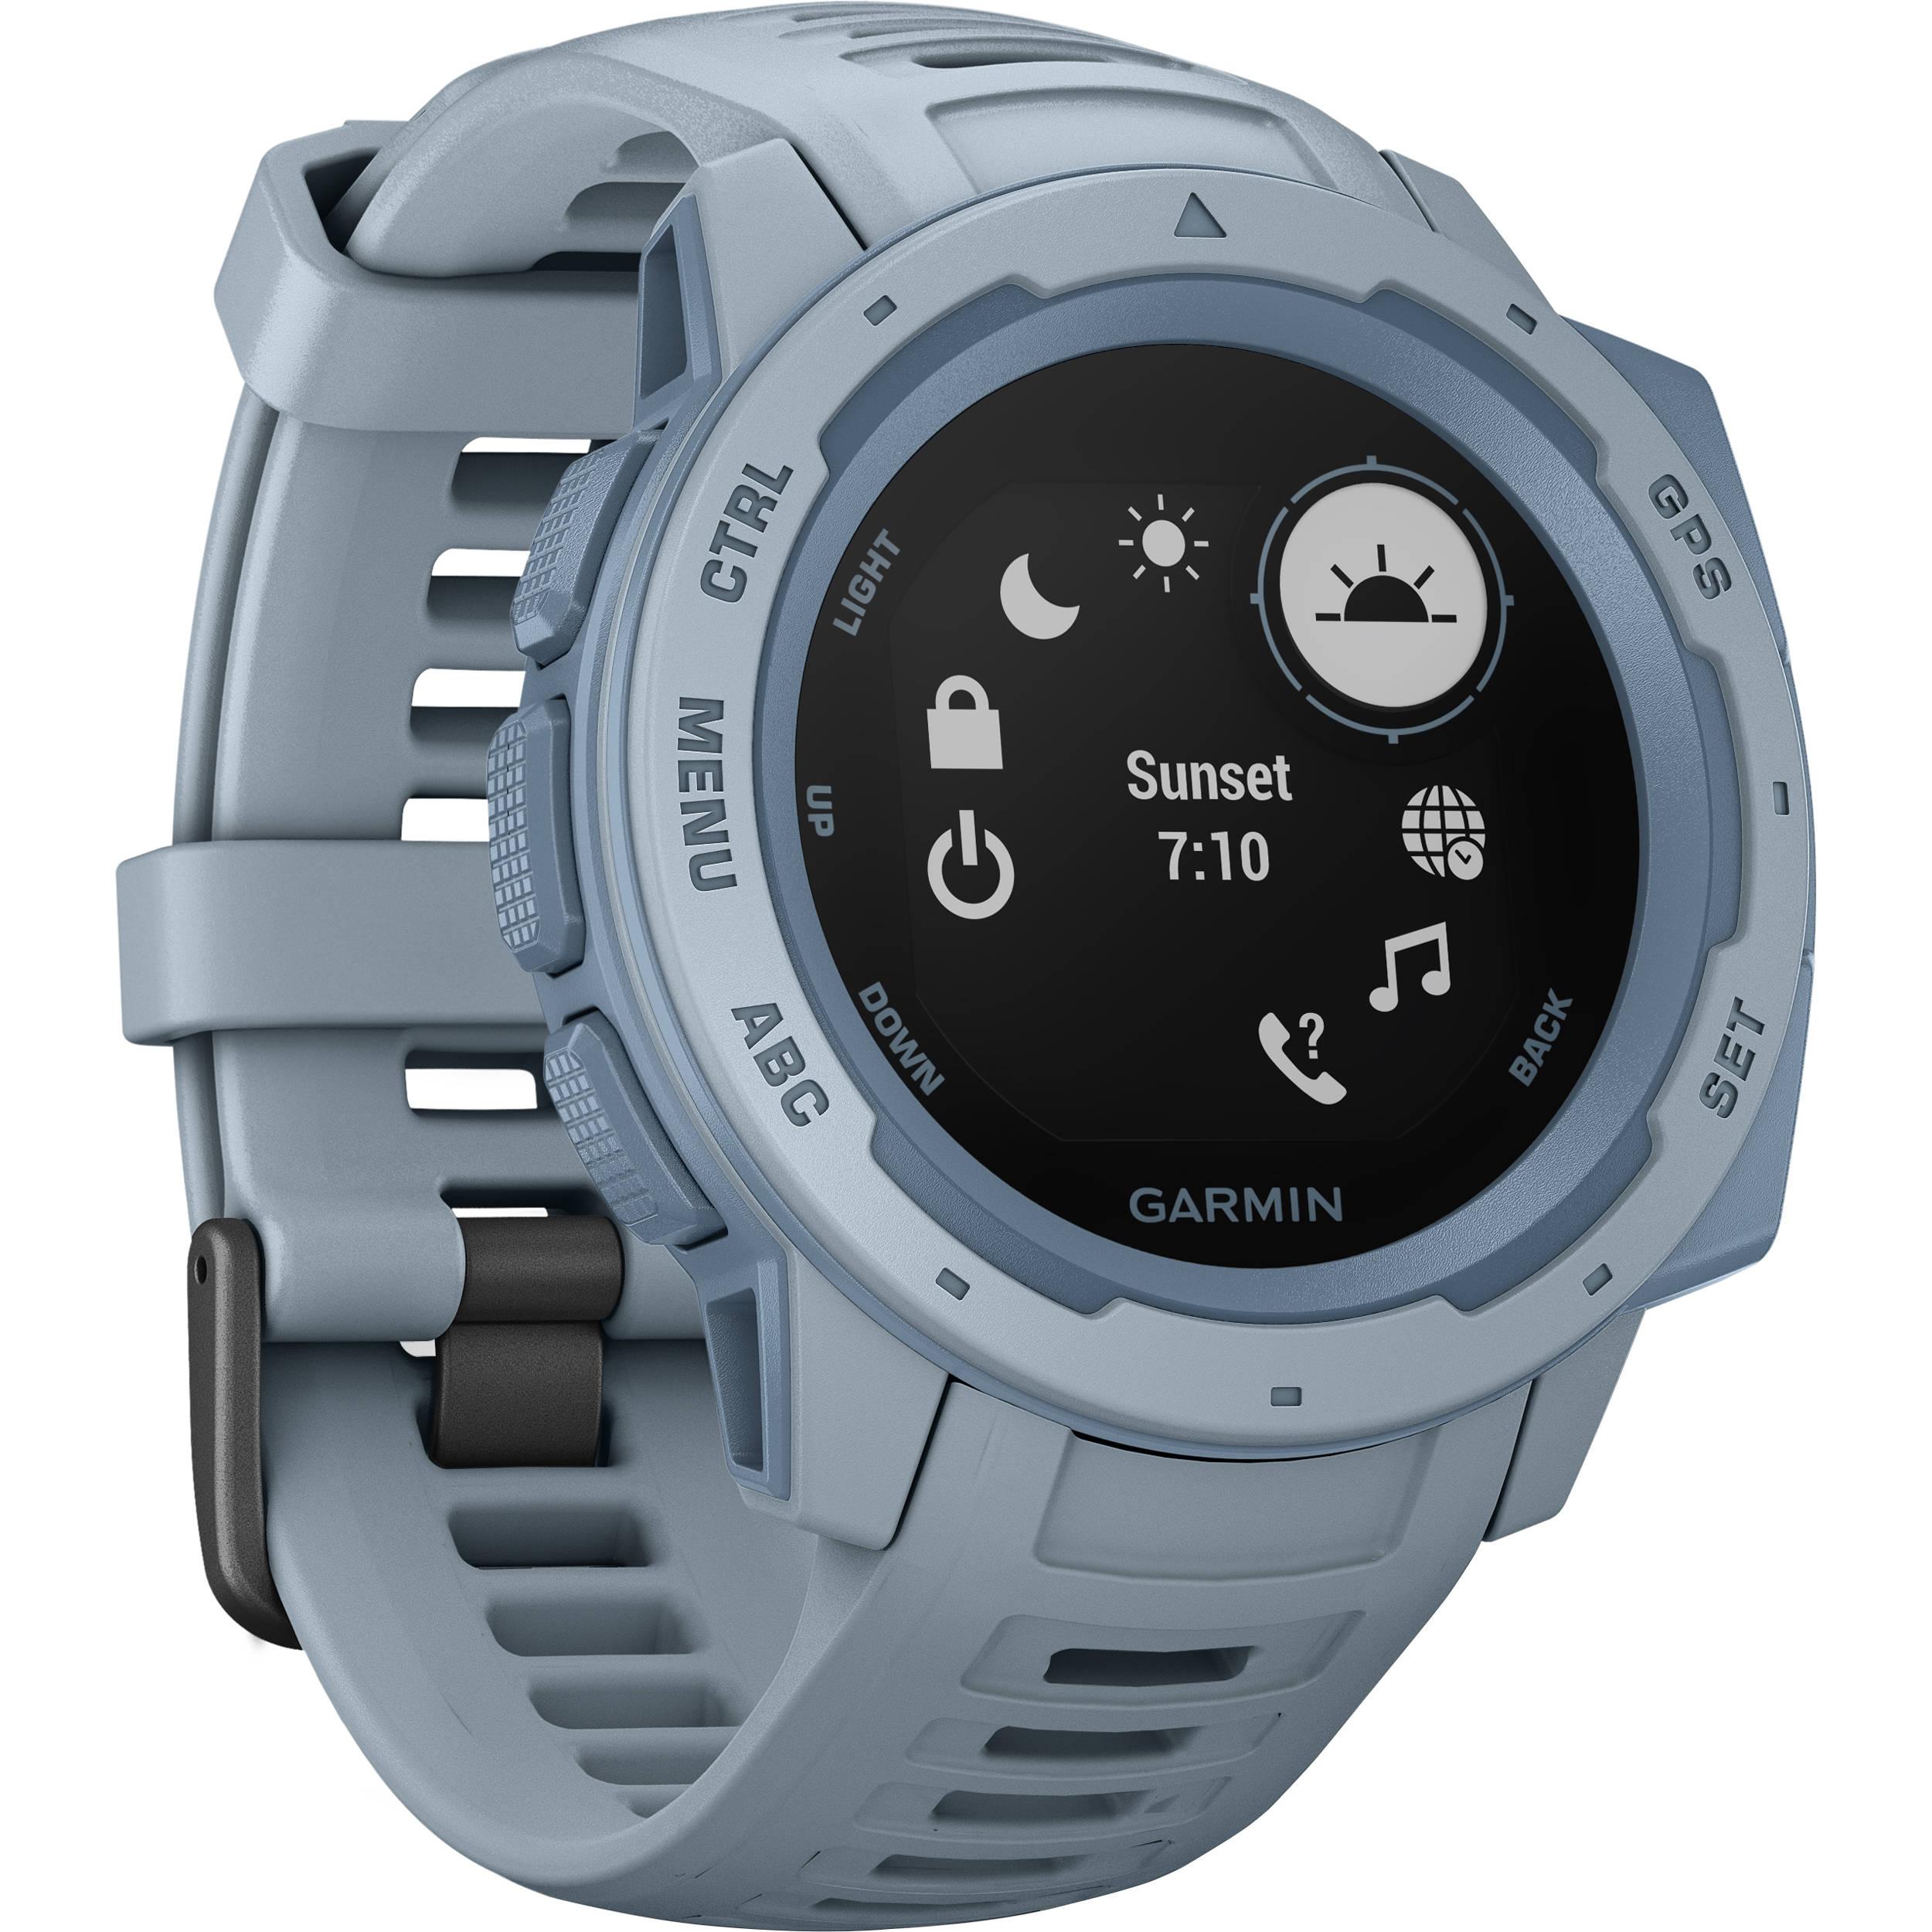 Garmin Gps Watch >> Garmin Instinct Outdoor Gps Watch Sea Foam